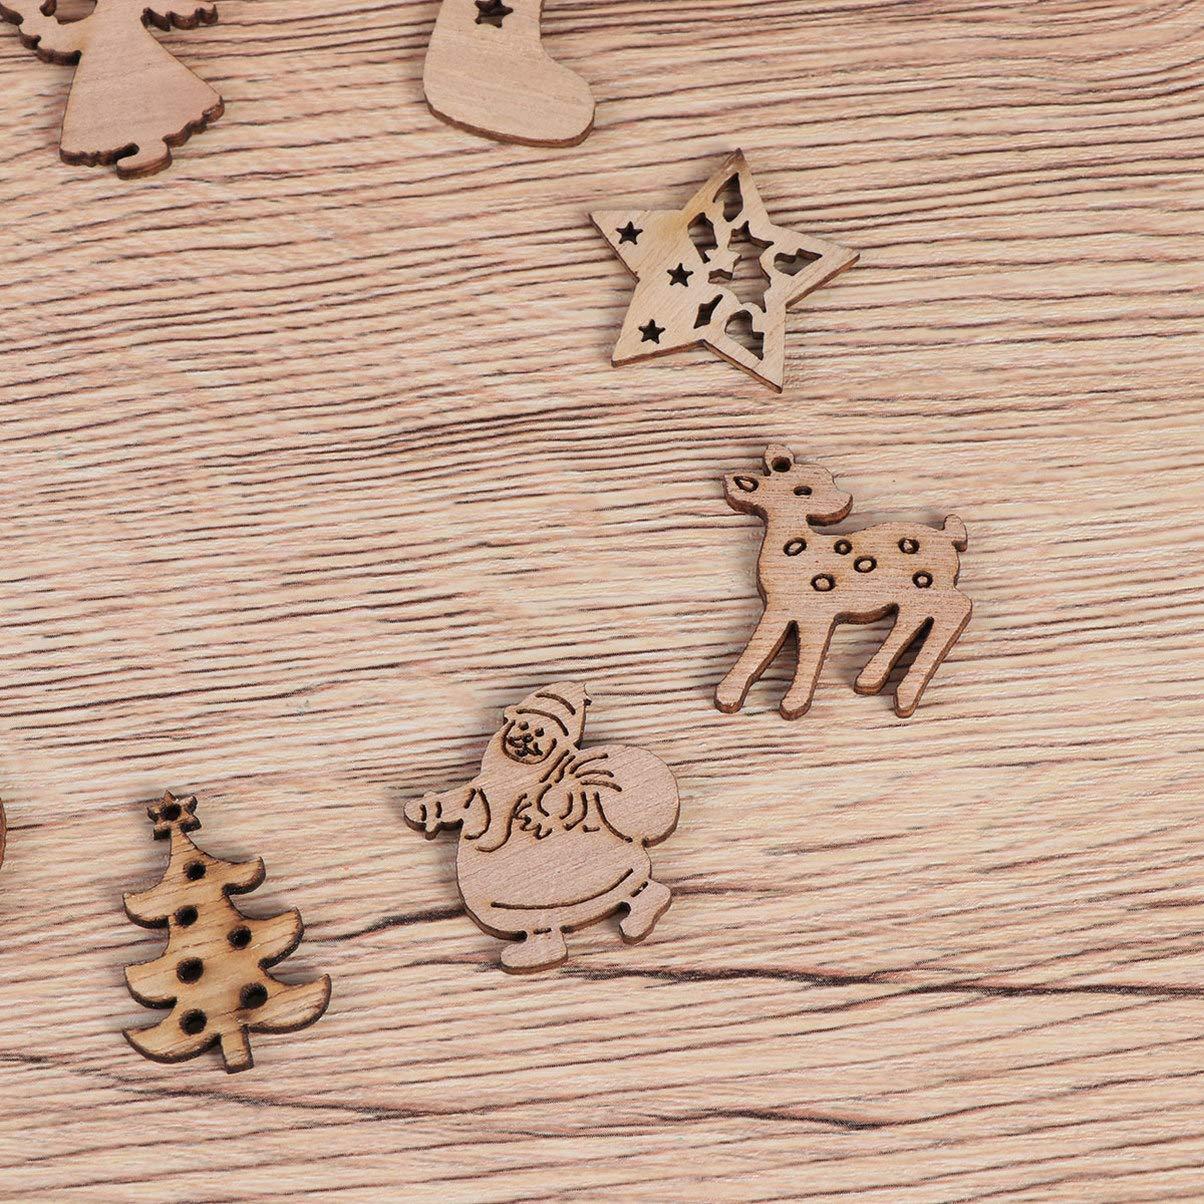 Holibanna Pezzi di Legno di Natale Ornamenti Fai da Te Tag Artigianali in Legno Ritagli abbellimenti Pendente Pendente 50 pz Modello Casuale